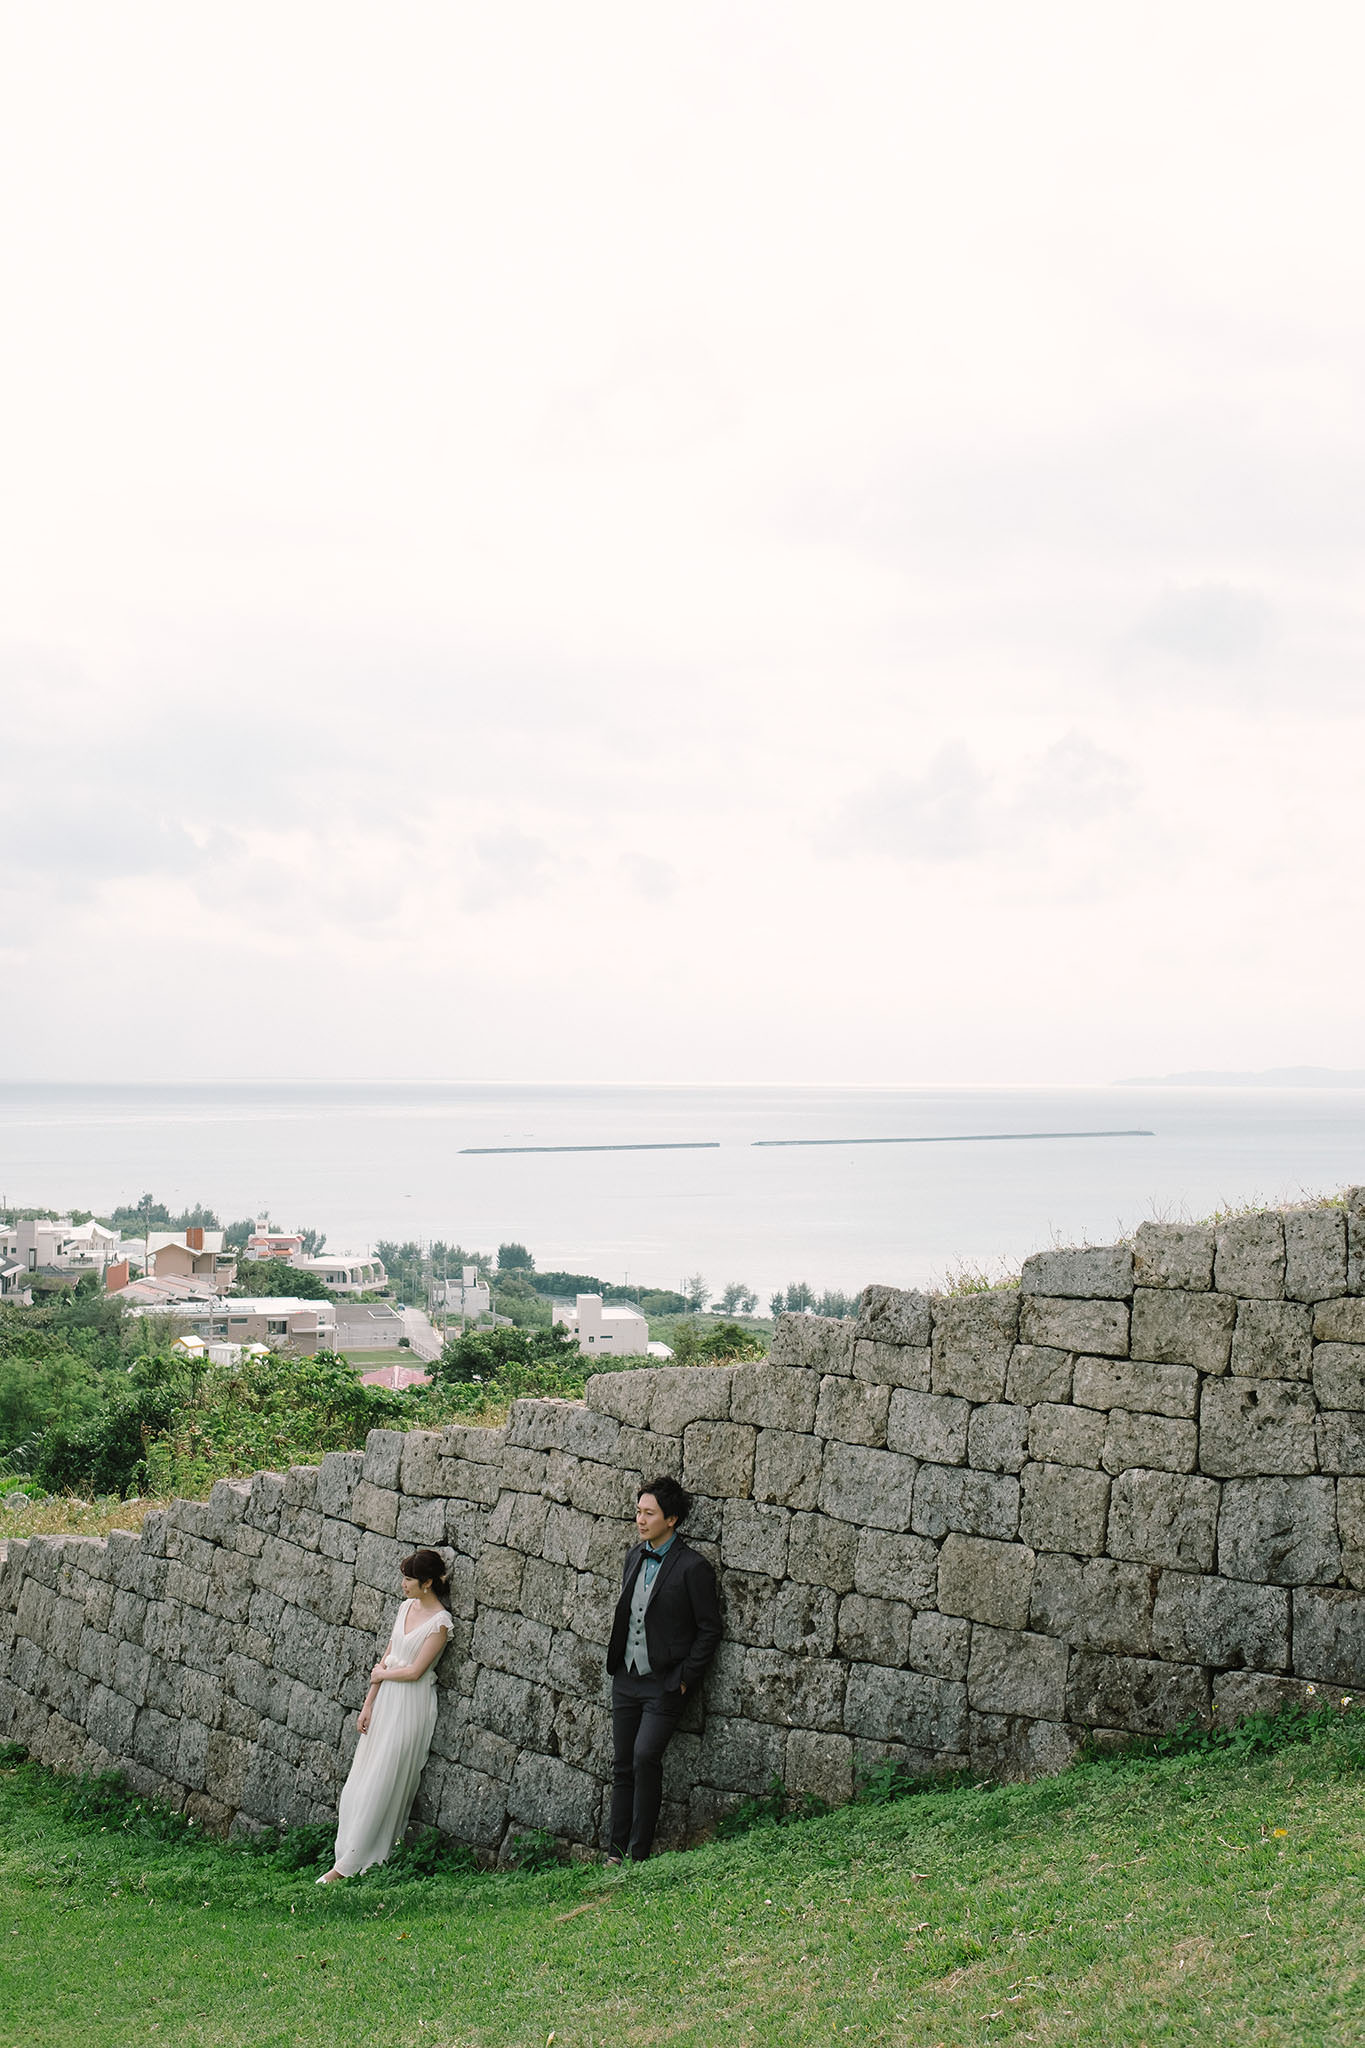 城からは眼下の街を眺めることができる